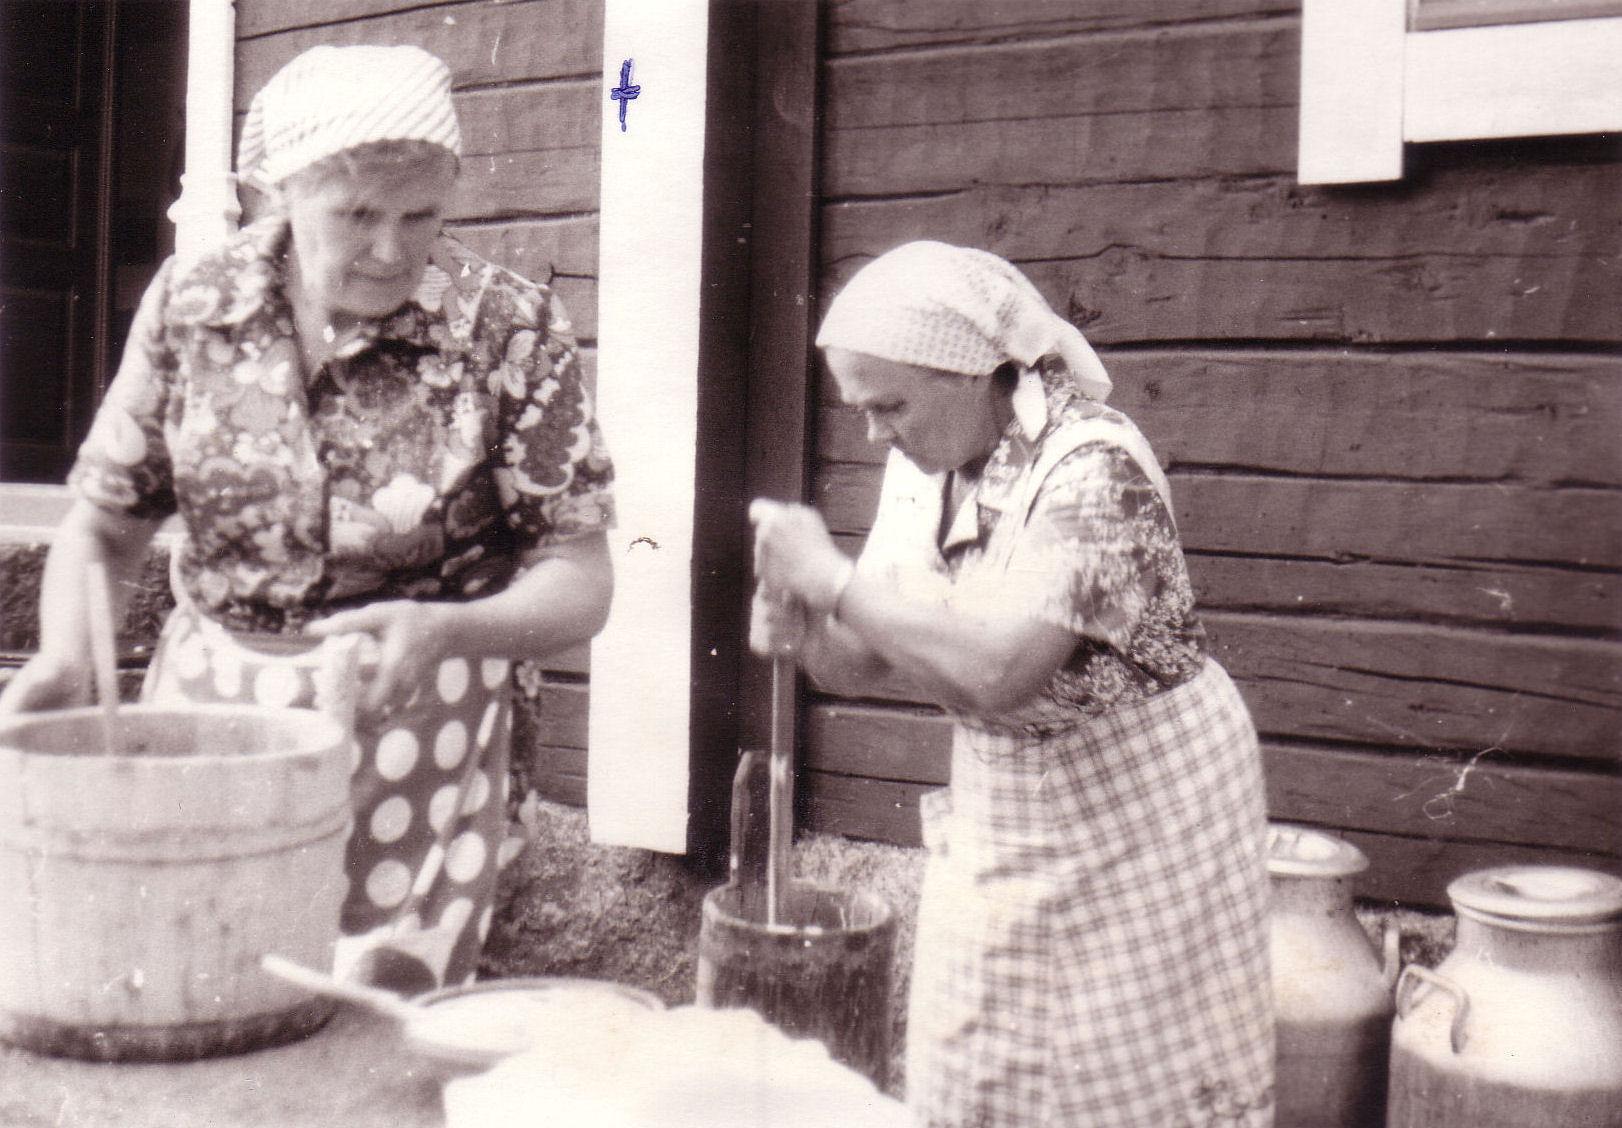 Kurikan päivät 1977 voinkirnuaminen